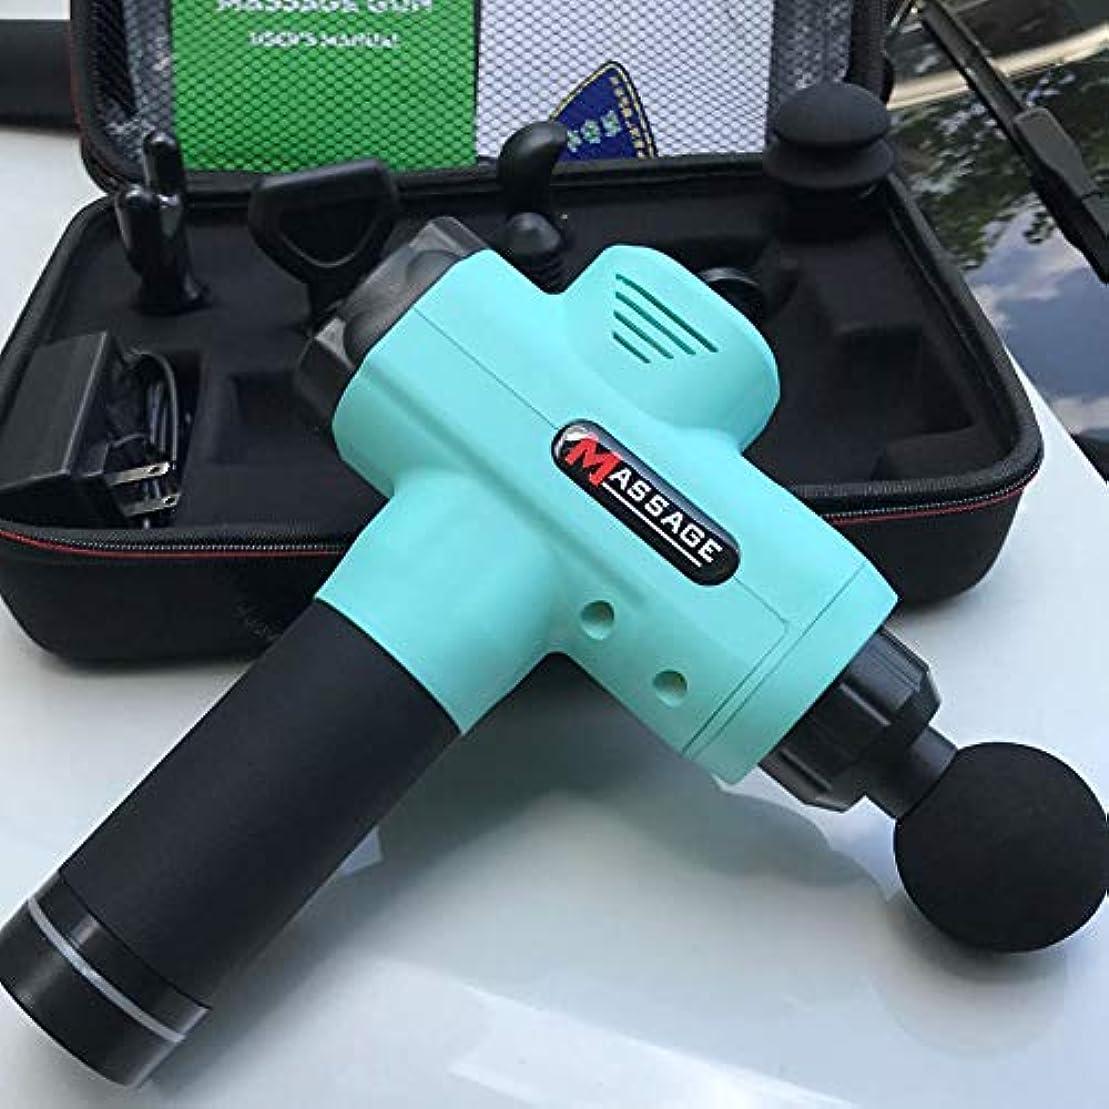 電池タッチ義務的マッサージガンの深部組織マッスルマッサージガン、ハンドヘルドパーカッションマッサージャー、ポータブルマッサージデバイスにより、筋肉痛と硬直を軽減